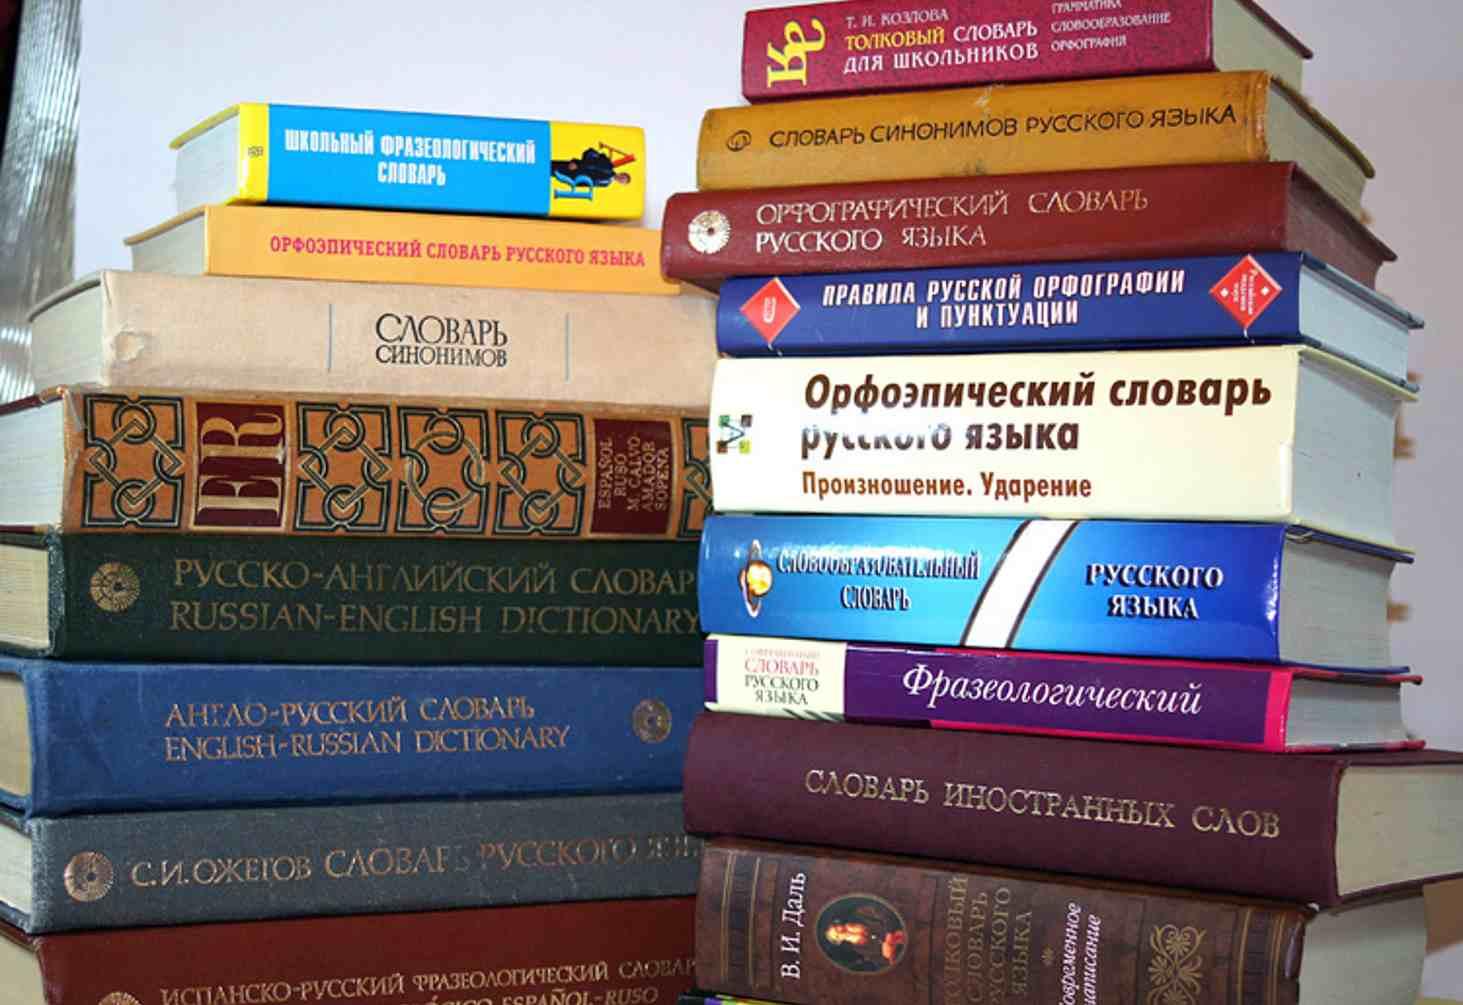 test-pomnite-li-vy-shkolnuyu-programmu-po-russkomu-yazyku